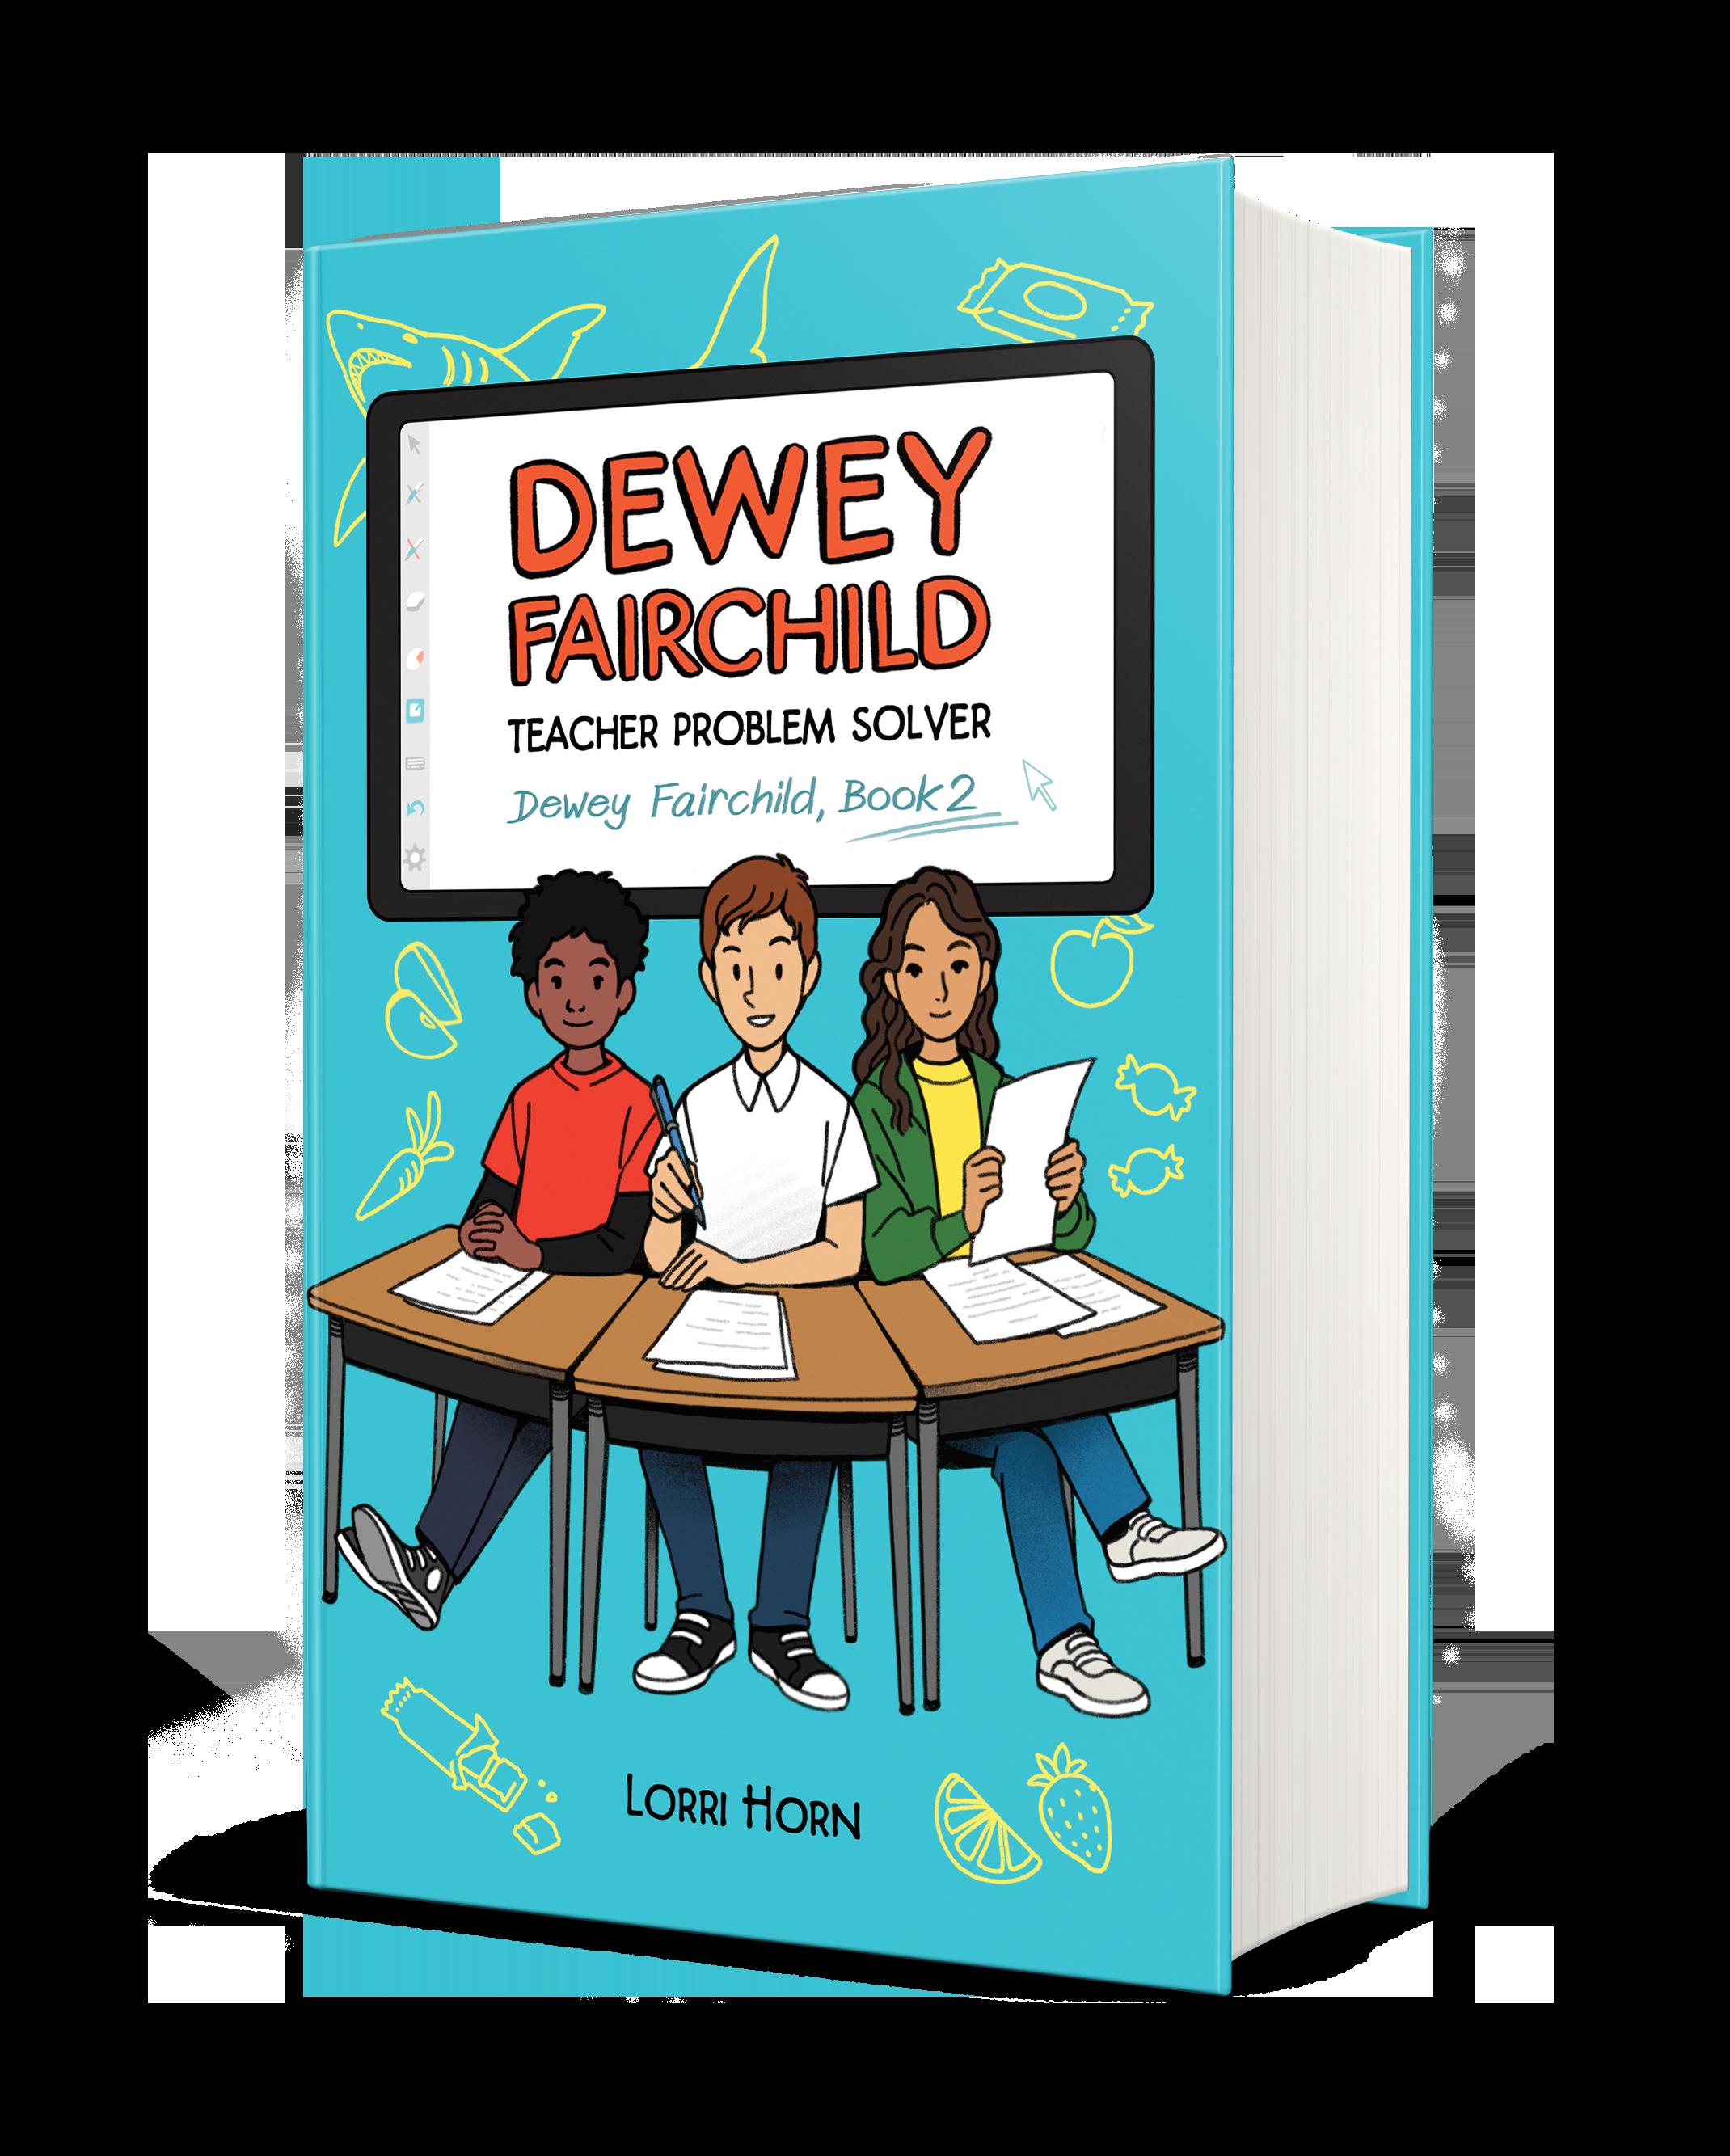 Dewey Fairchild: Teacher Problem Solver, blue background, three students sitting at desks with homework